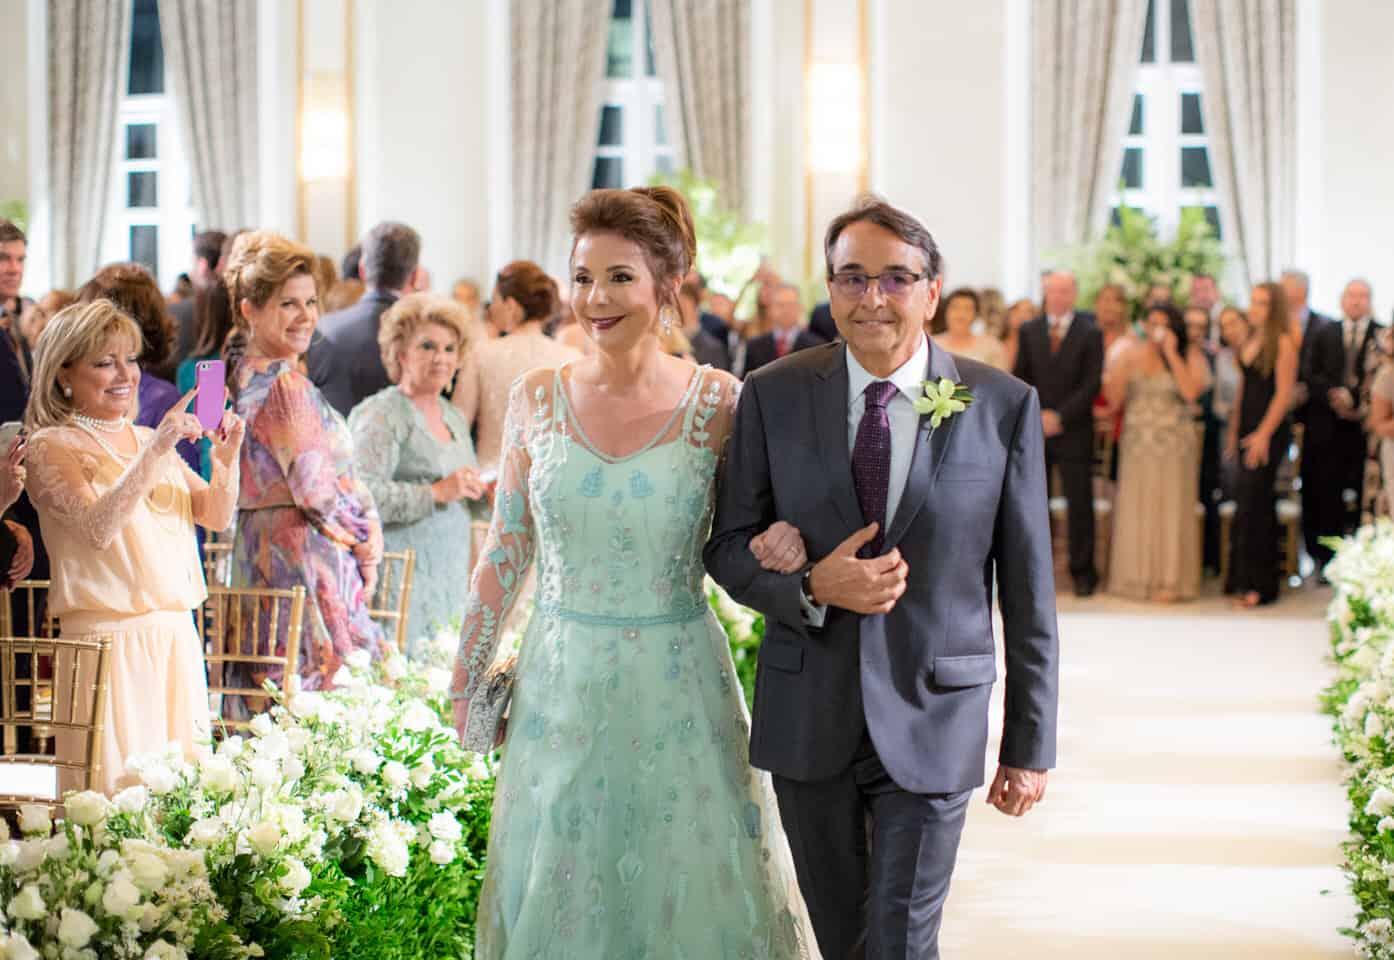 casamento-clássico-casamento-tradicional-casamento-fabiane-e-gustavo-copacabana-palace-rio-de-janeiro-Fotografa-Rodrigo-Sack-86